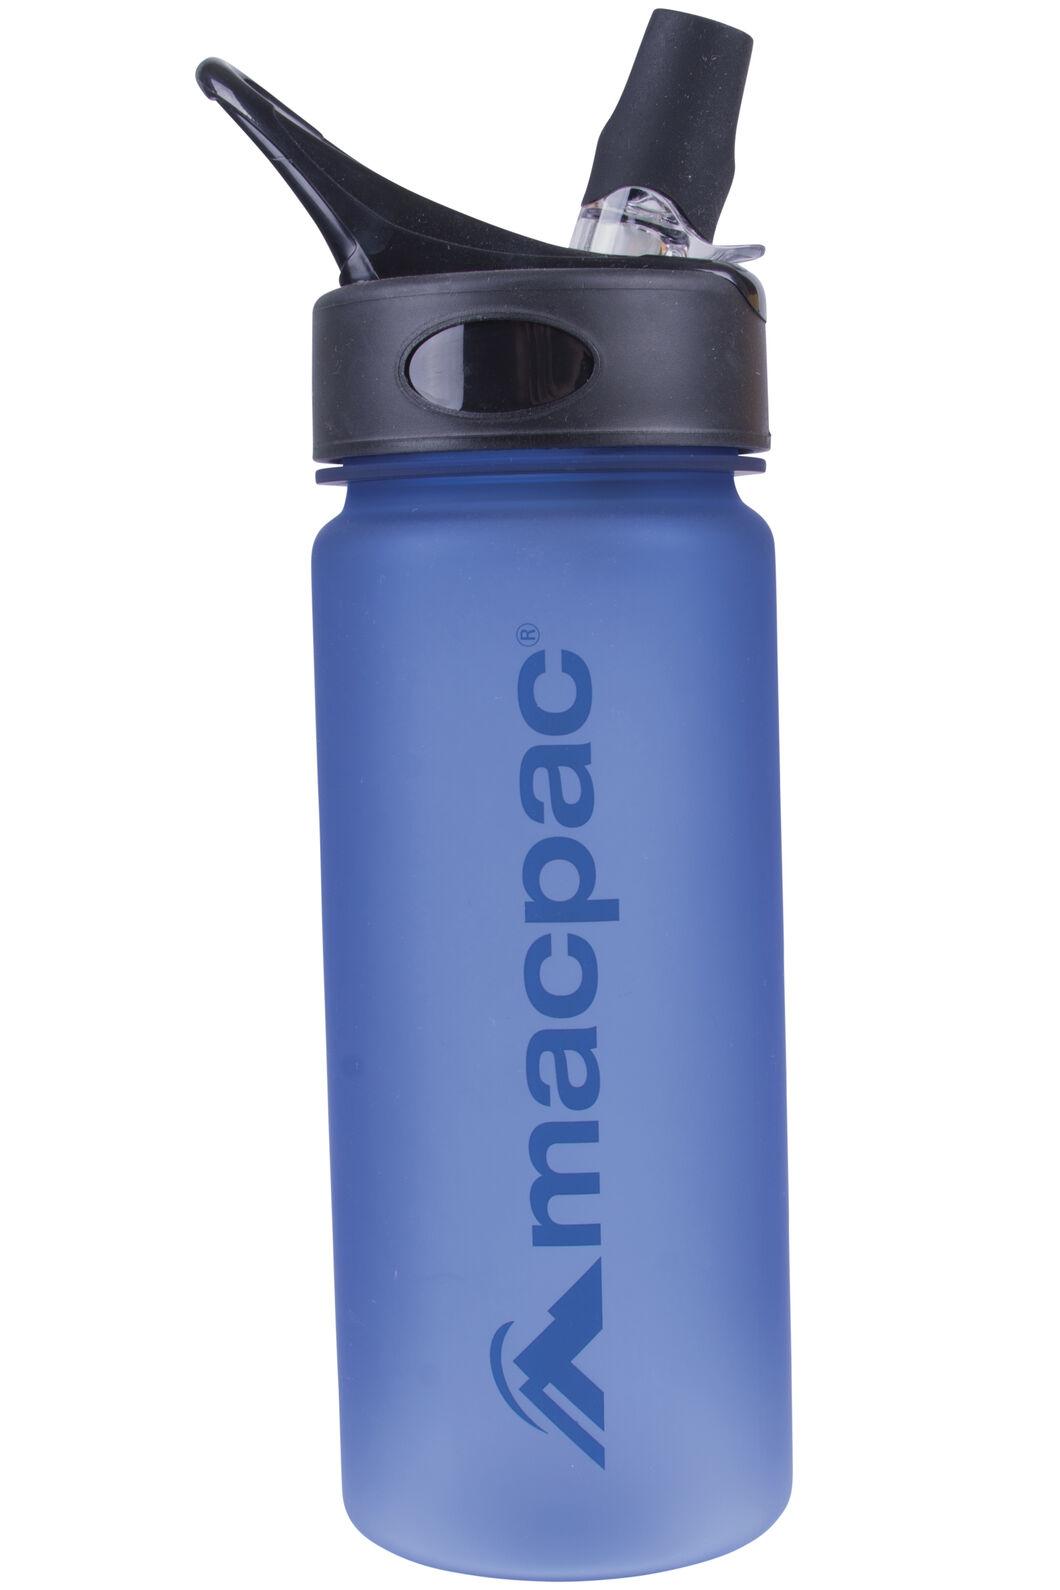 Flip Top Drink Bottle 550mL, Methyl/Dark Blue, hi-res